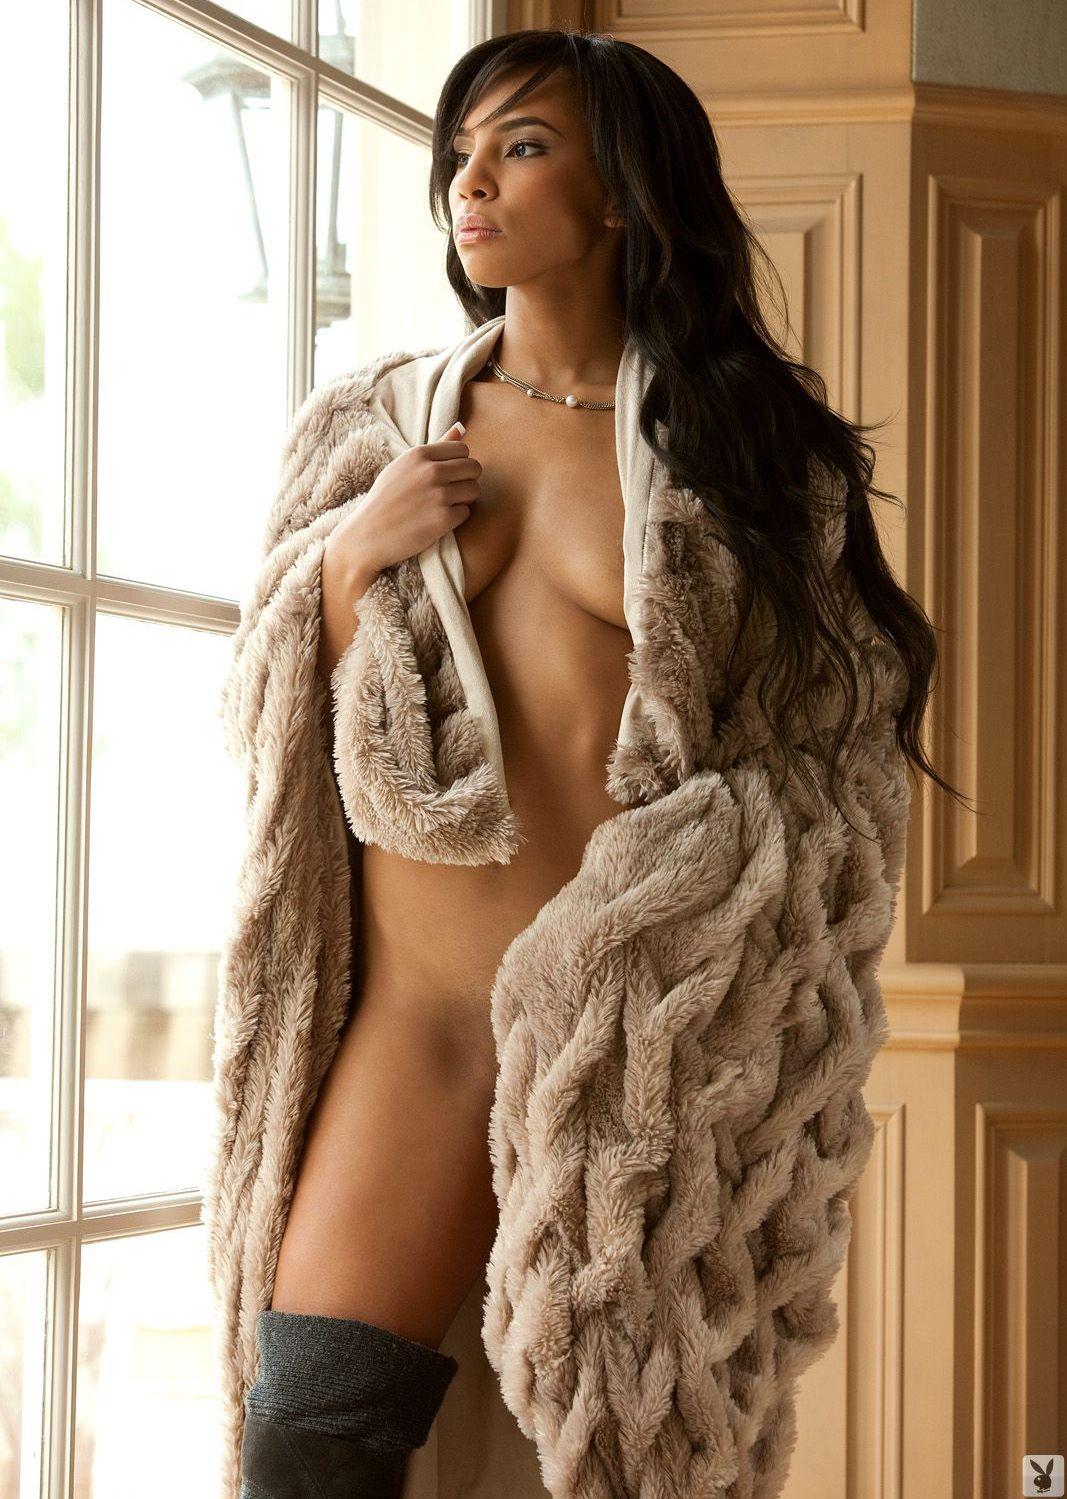 Обнаженная девушка в пальто фото